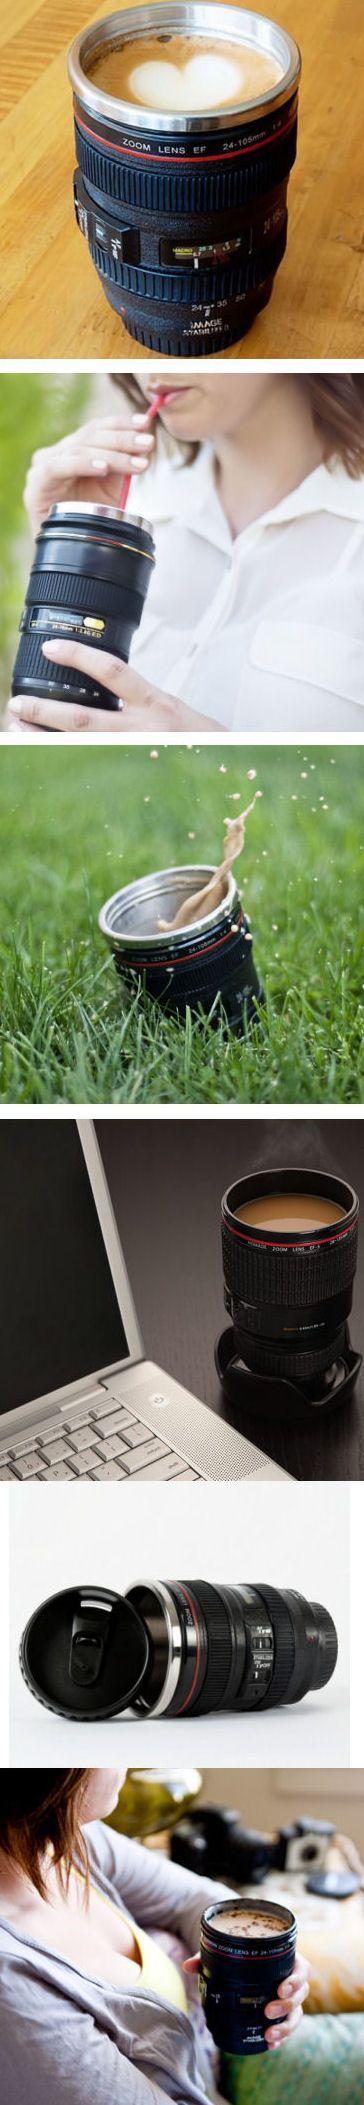 Camera Lens Coffee Mug ♥ L.O.V.E. this!